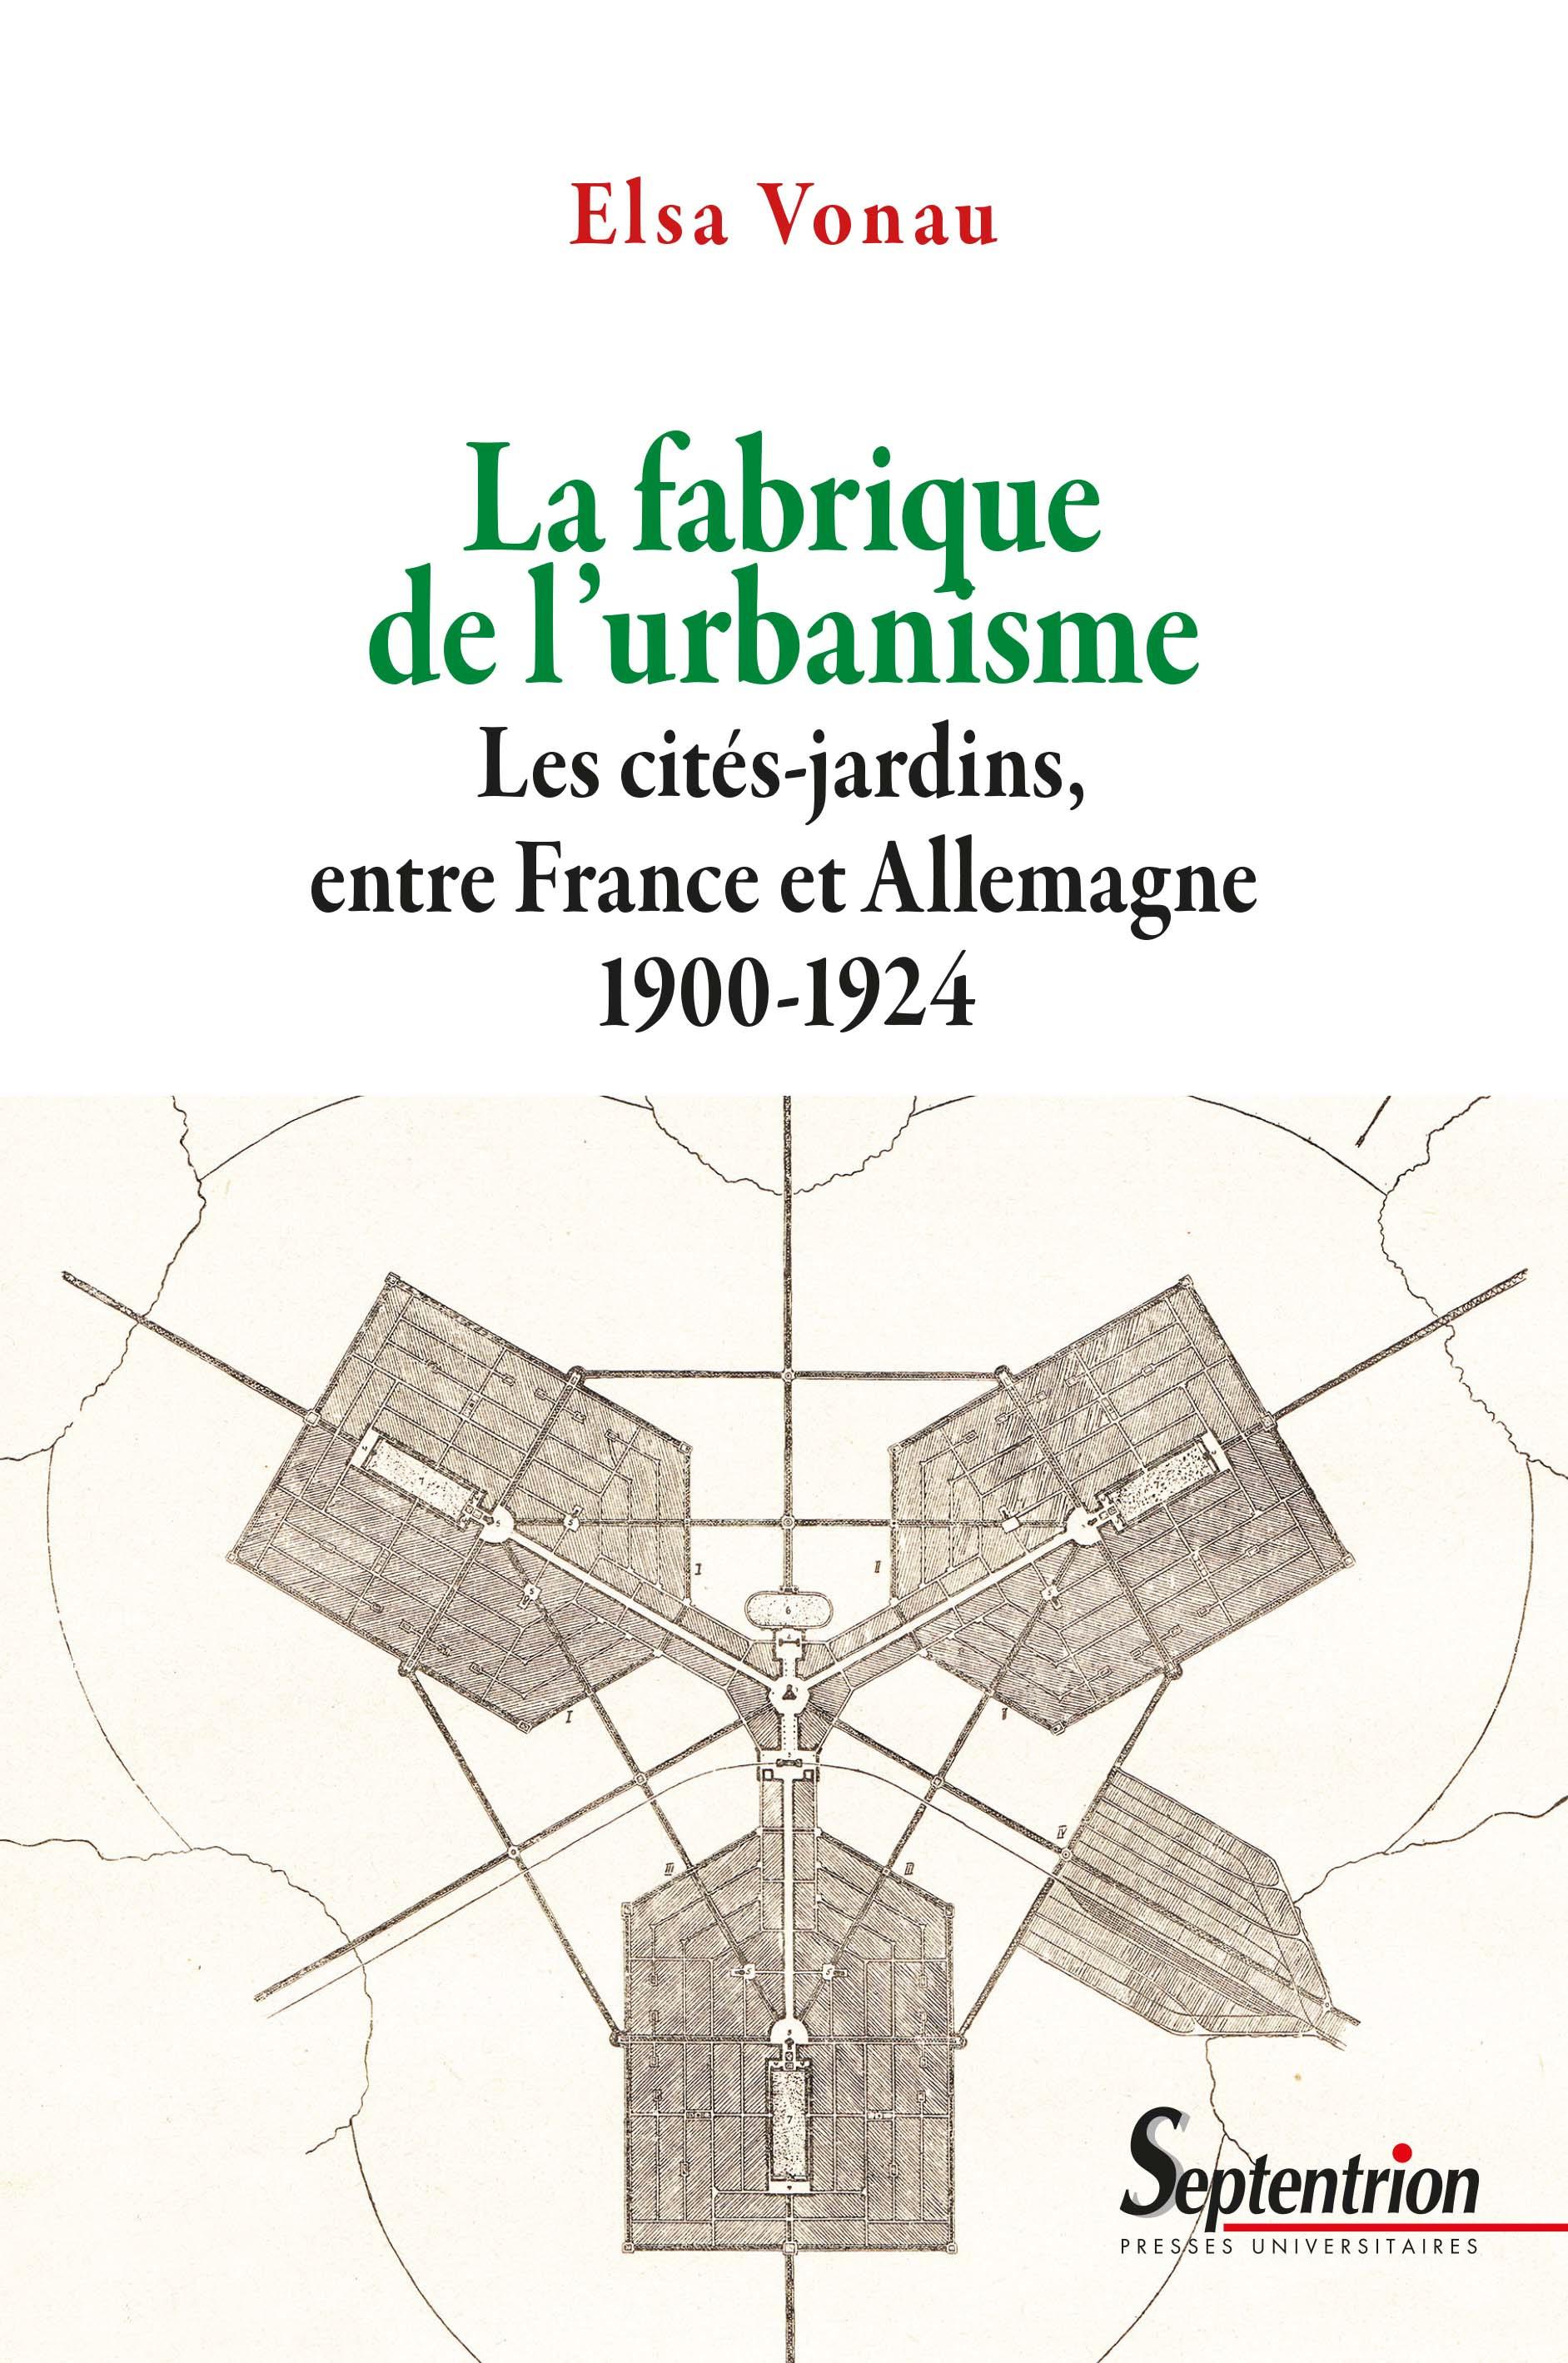 La fabrique de l'urbanisme les cites-jardins, entre france et allemagne, 1900-1924 - les cites-jardi